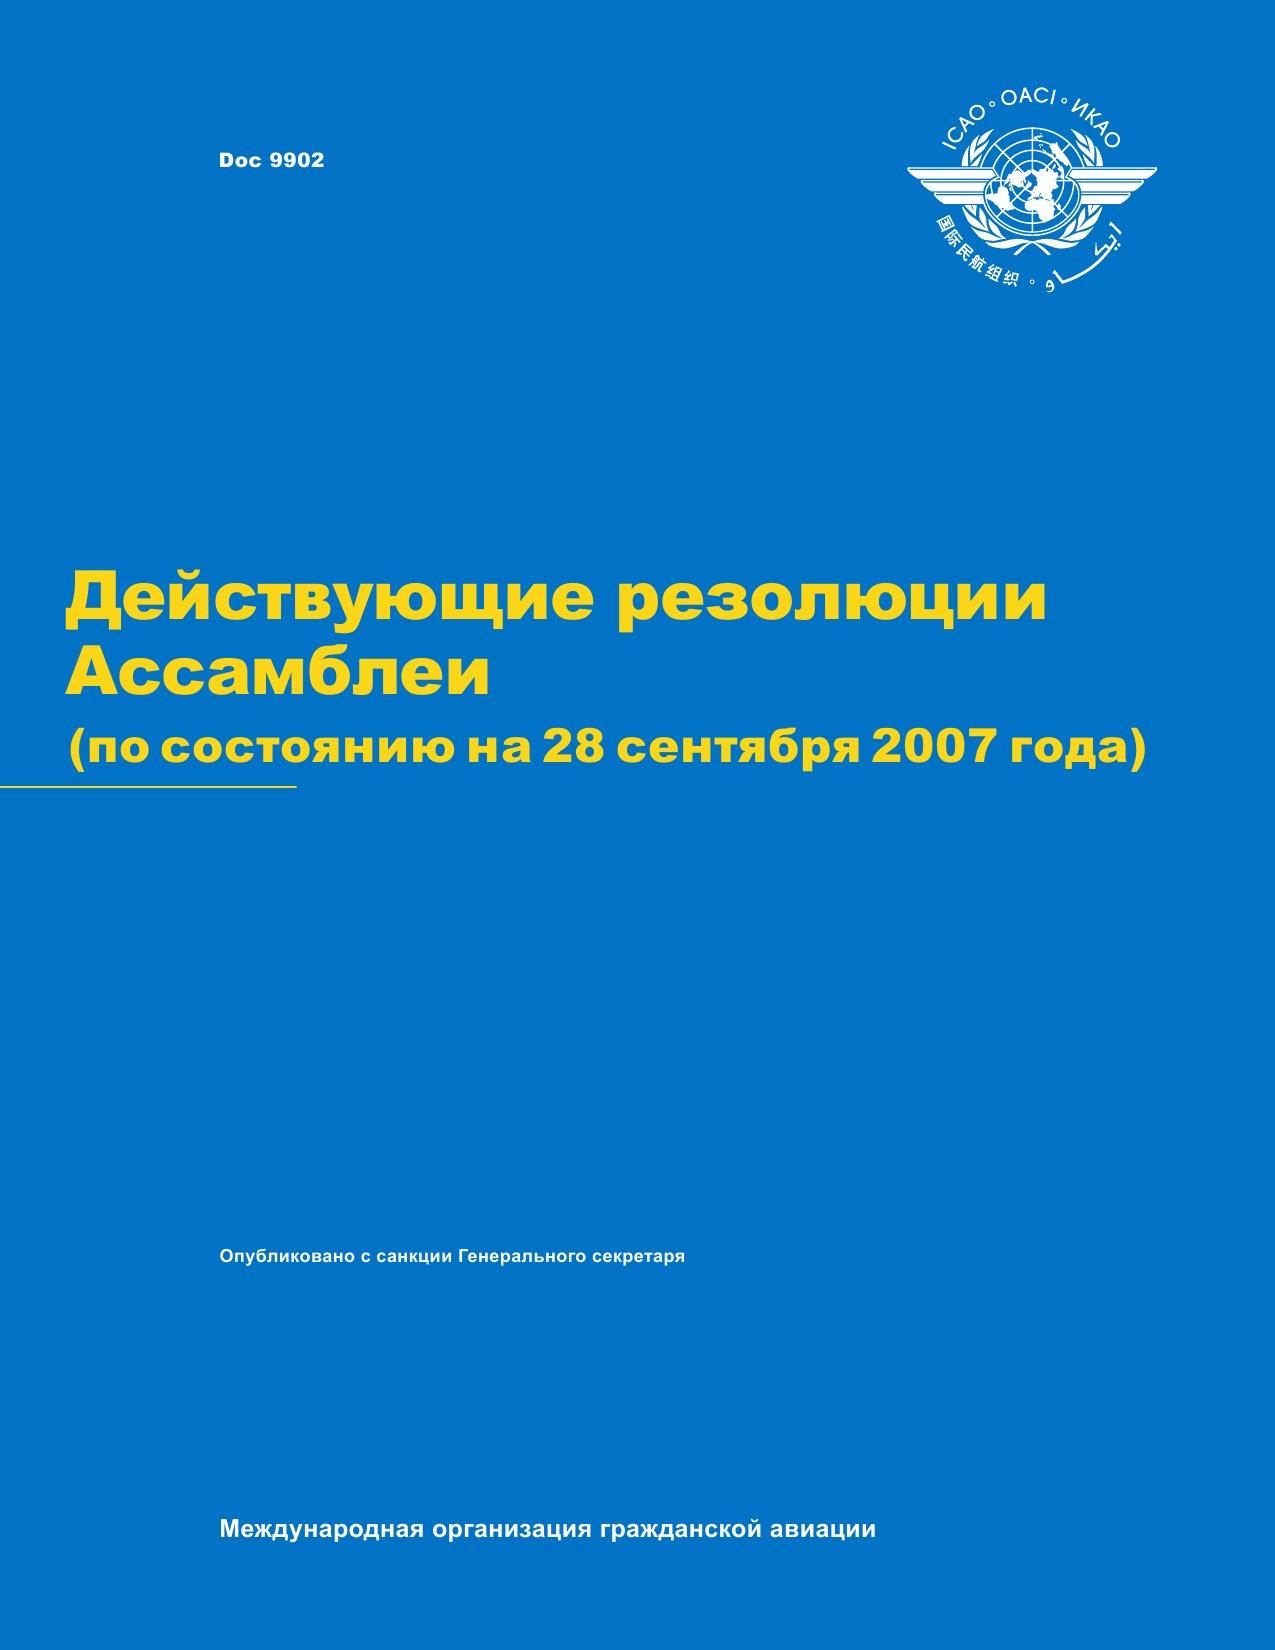 ICAO Doc 9902 Действующие резолюции Ассамблеи (по состоянию на 28 сентября 2007 года)